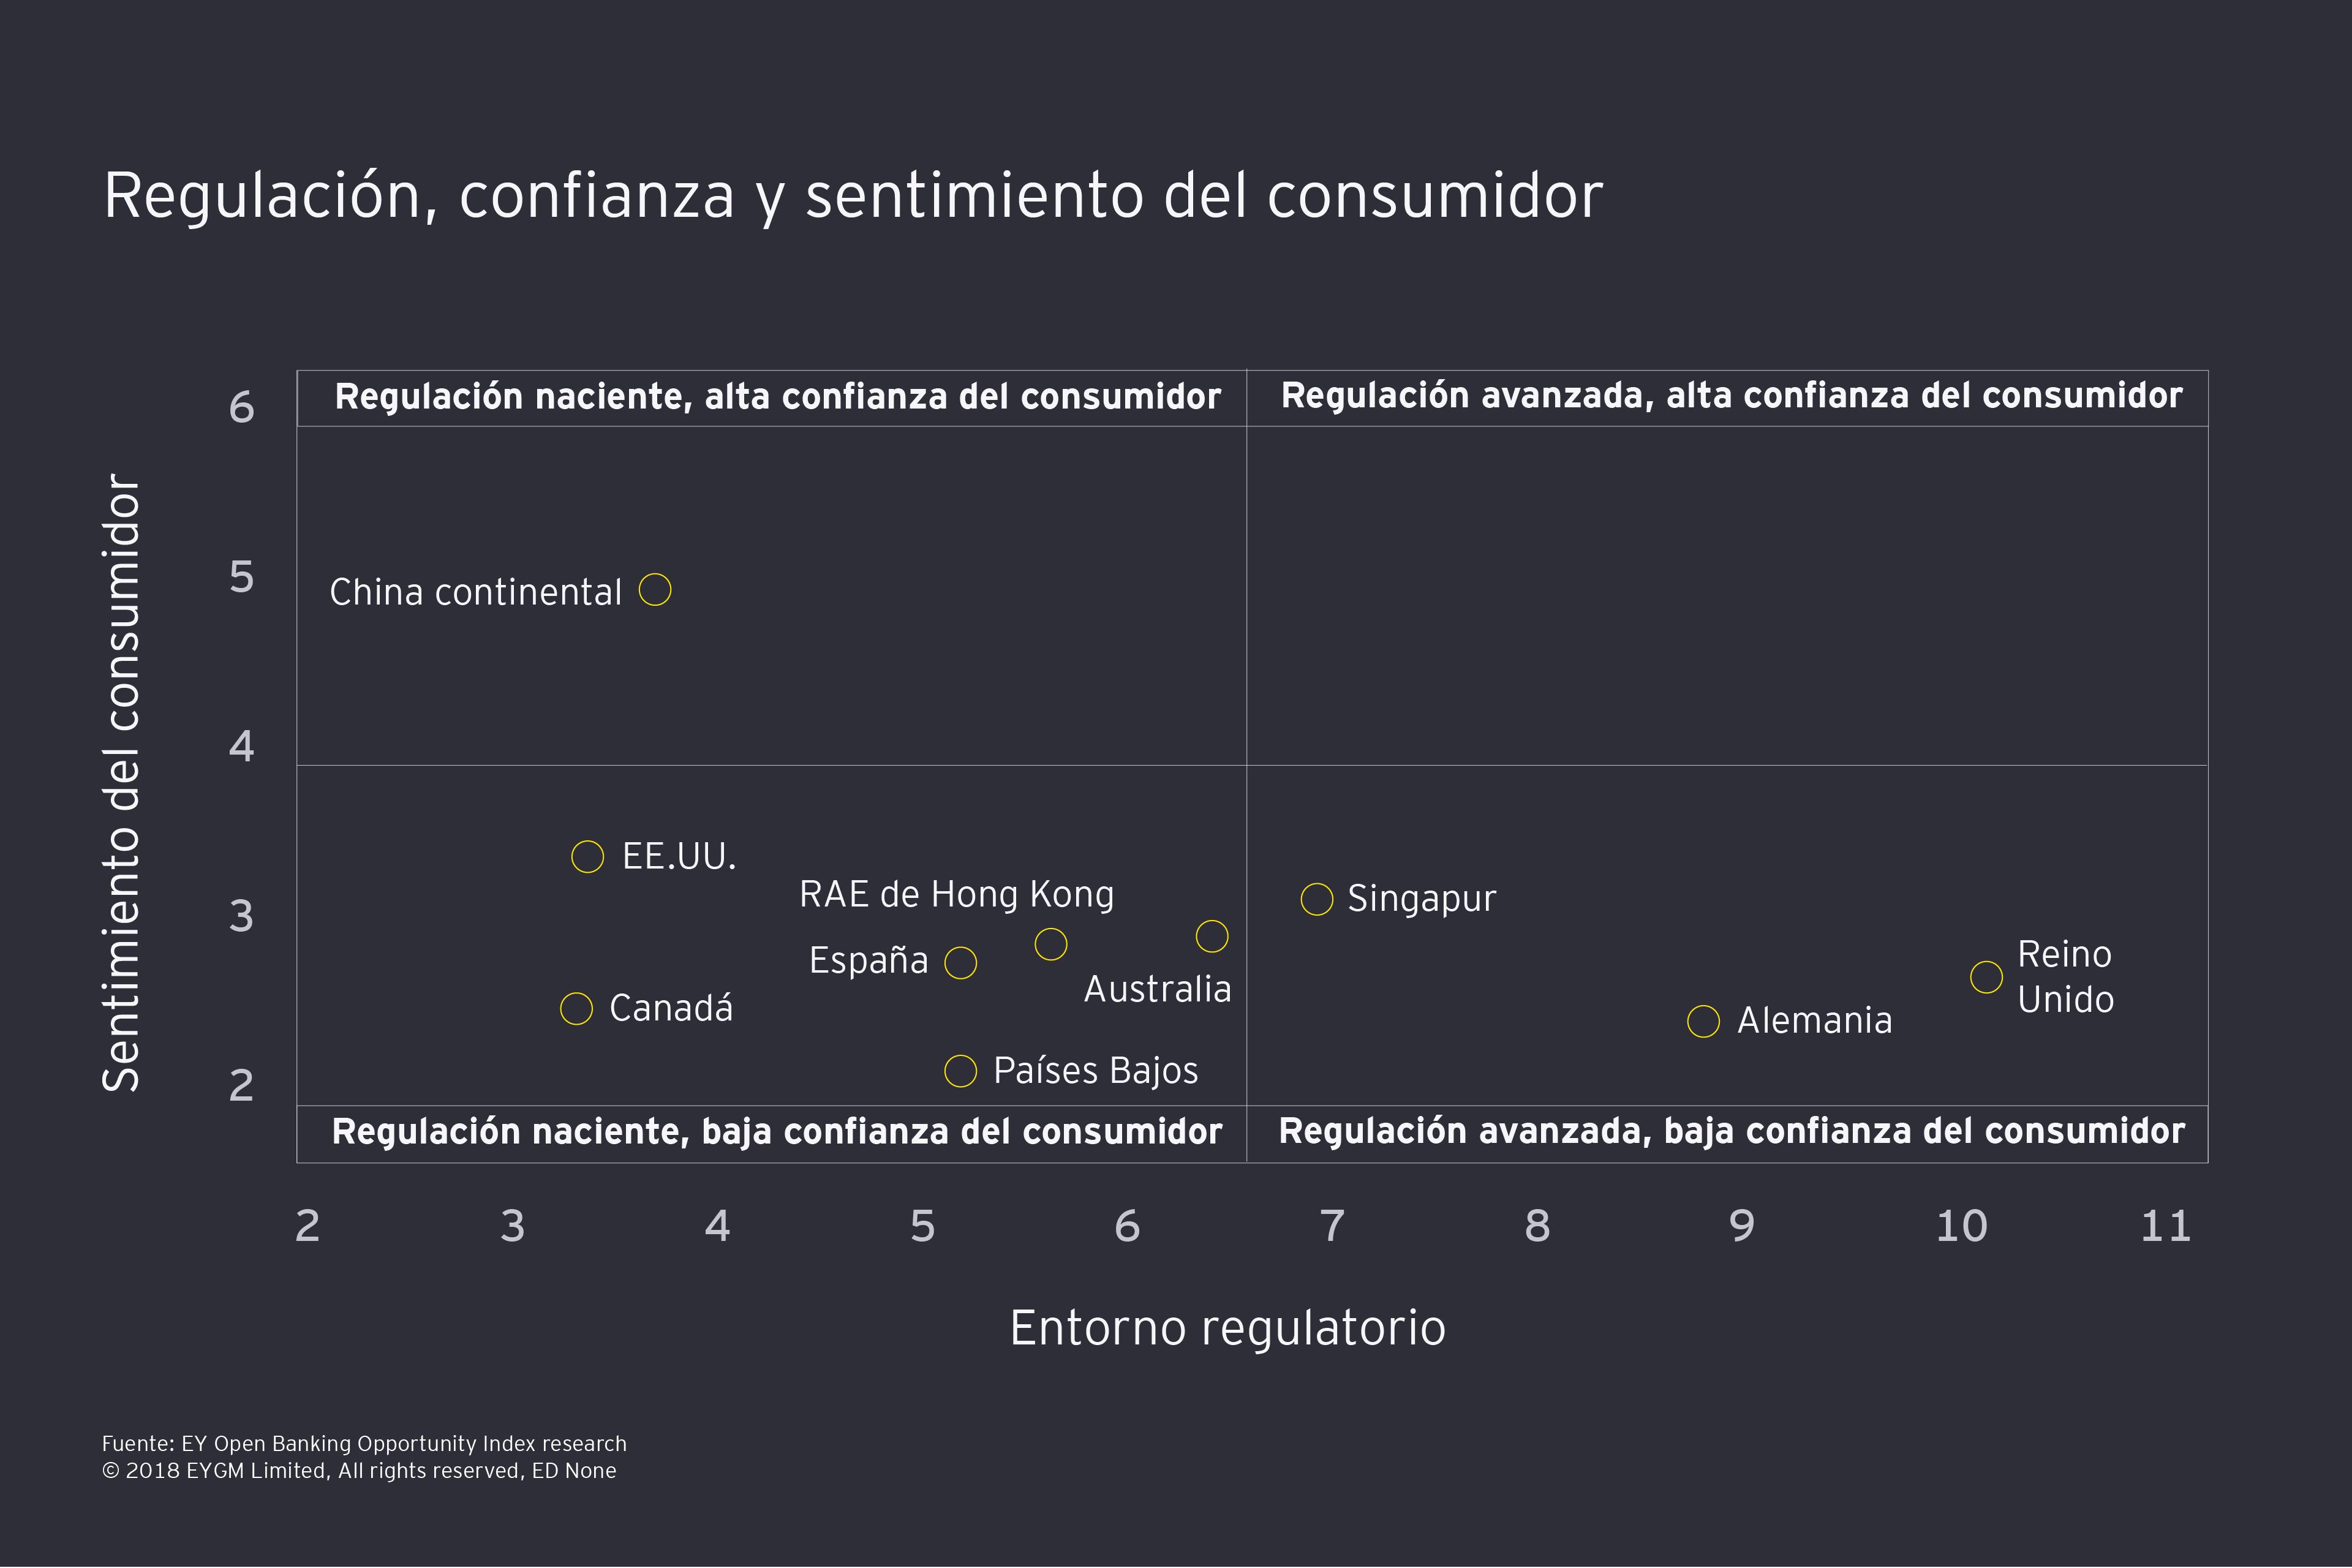 Regulación, confianza y sentimiento del consumidor